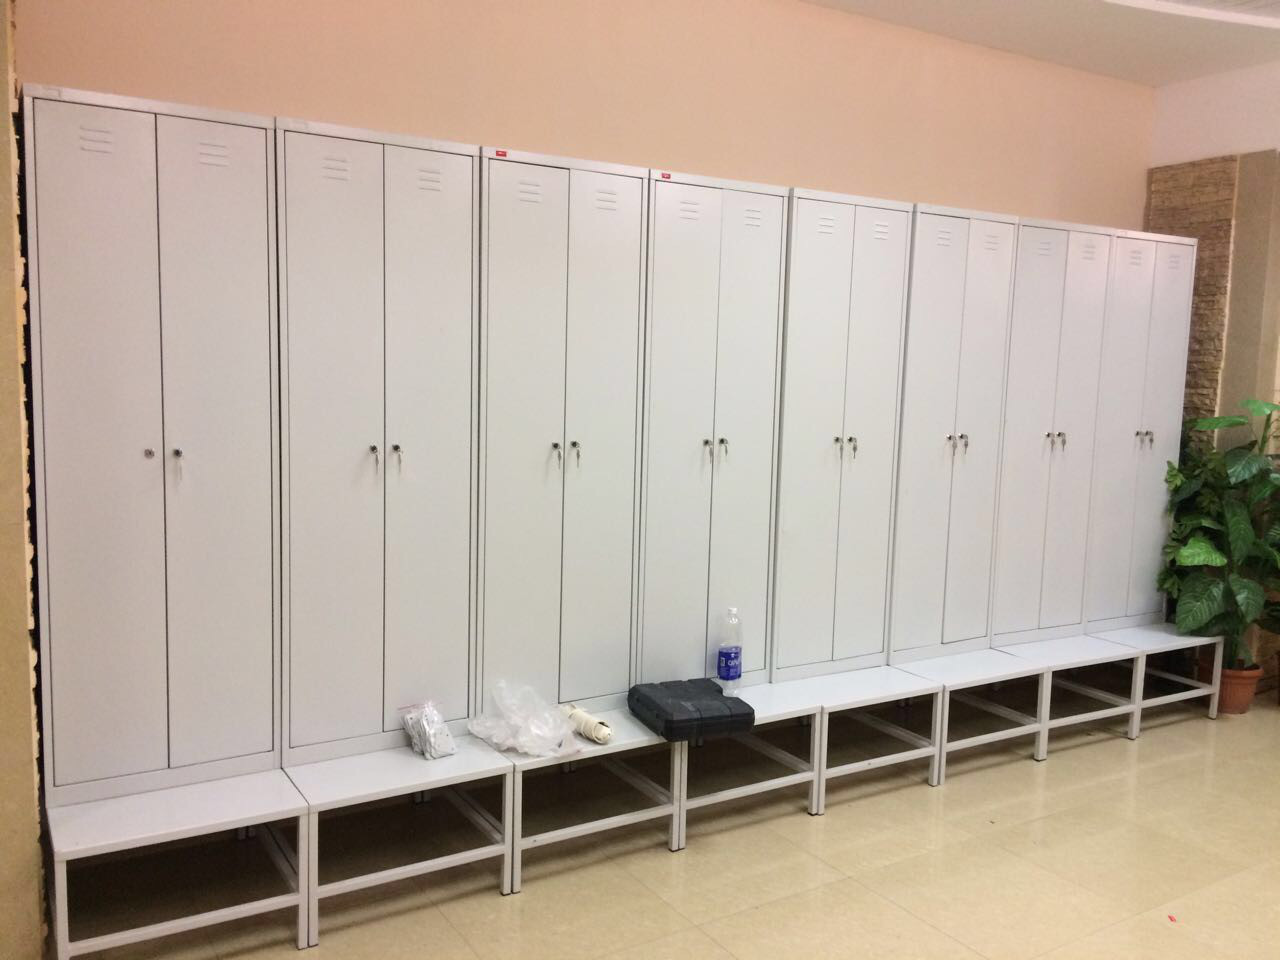 Скамьи/подставки для шкафов, раздевалок